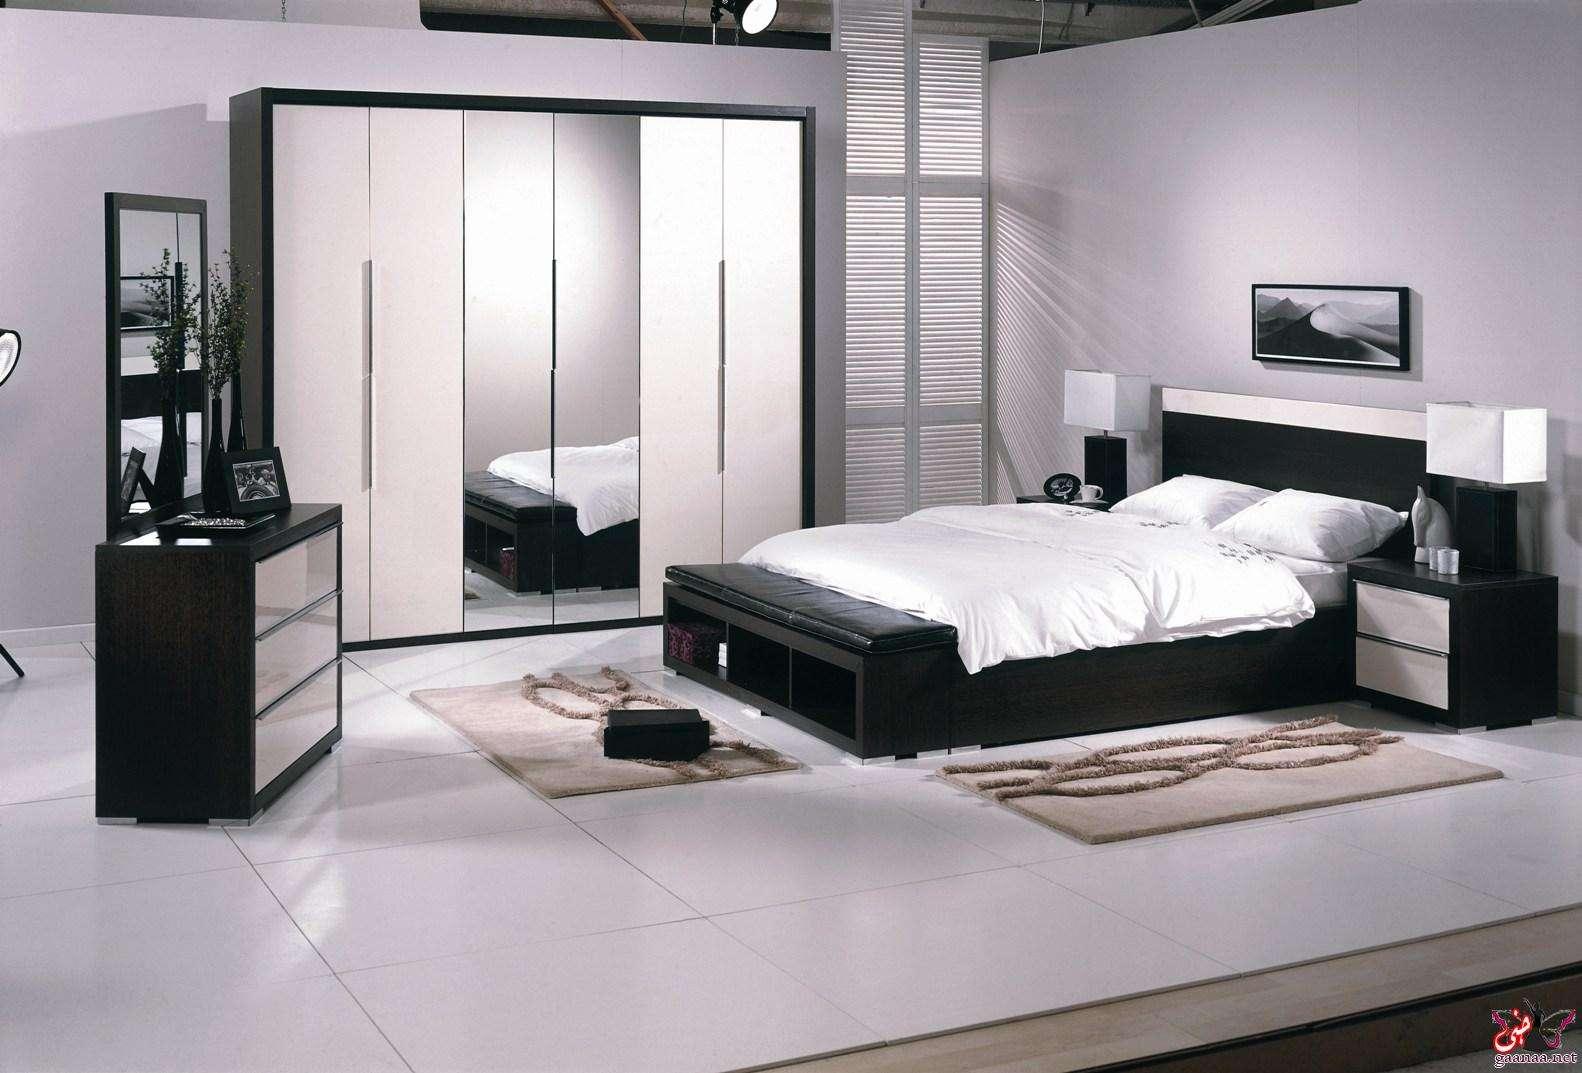 اجمل صور ديكورات غرف نوم مناسبة للجميع – موقع حصري